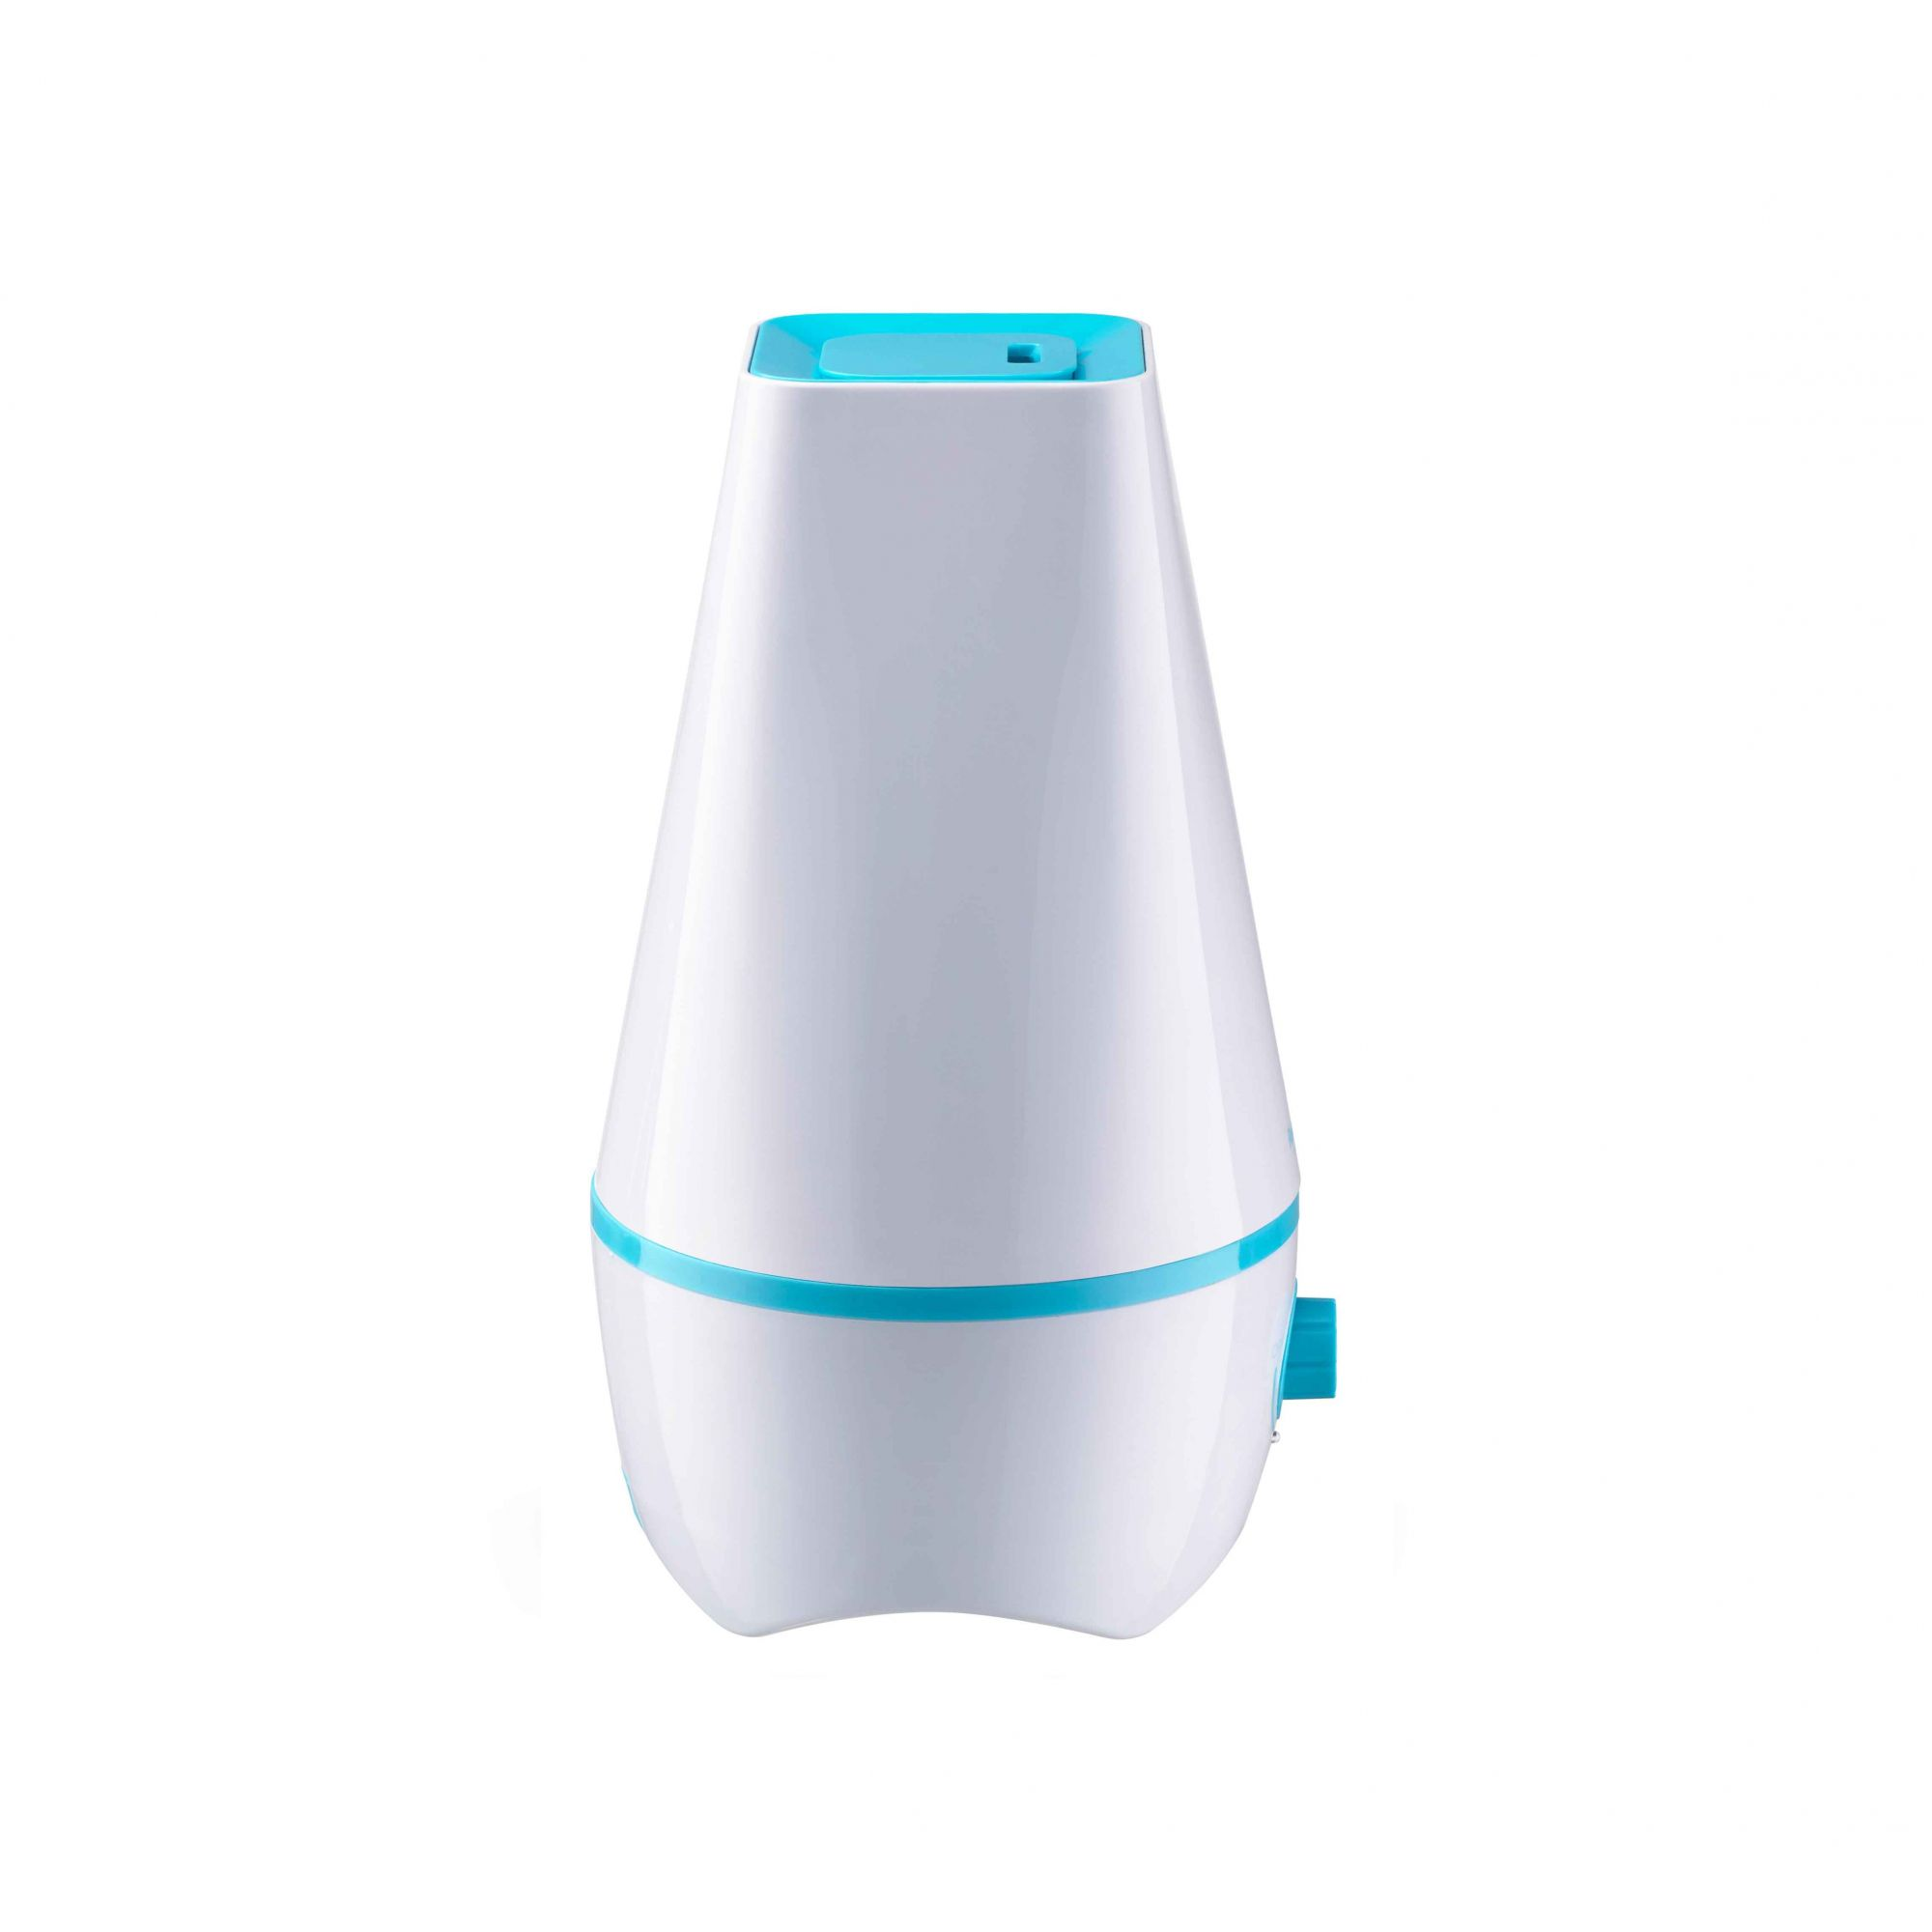 Umidificador Ultrassônico Compact RelaxMagic Air Branco Rm-HA0101 Bivolt